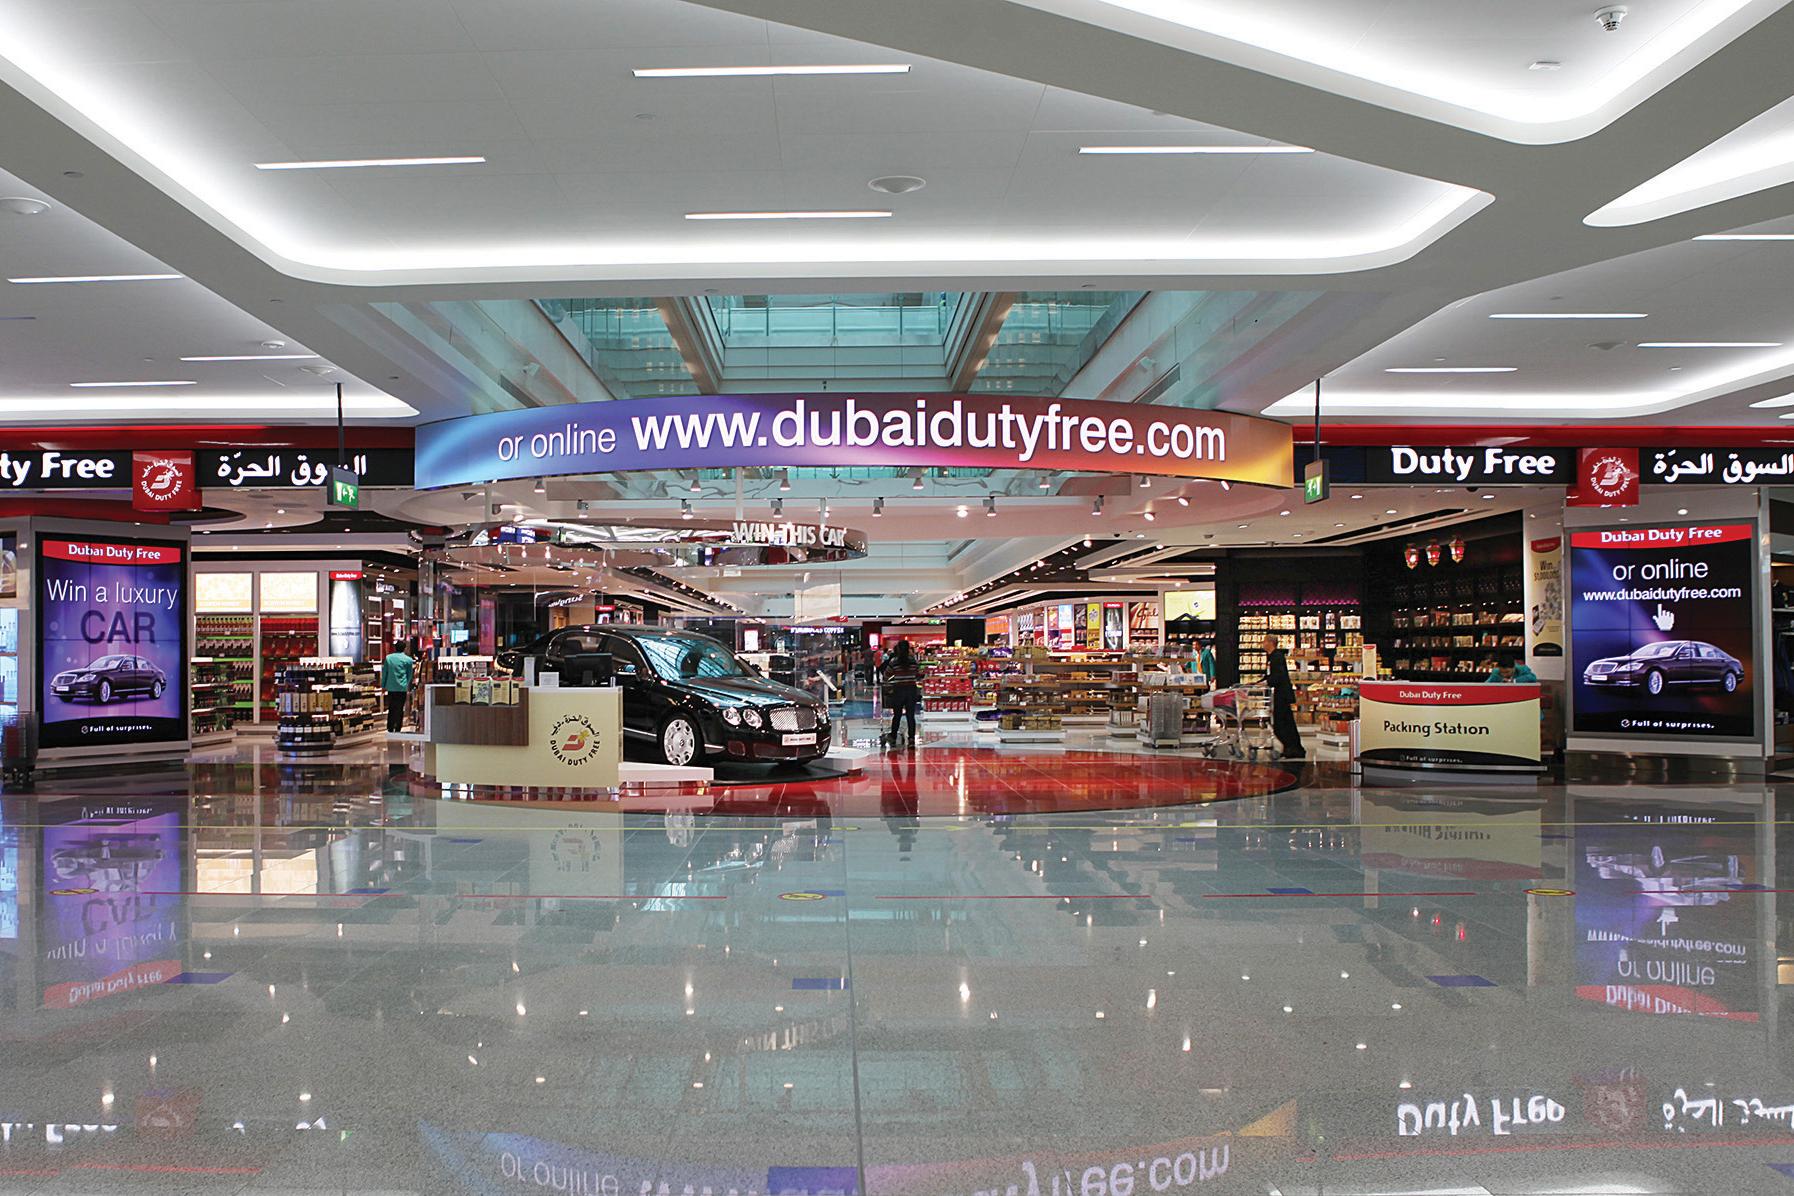 Магазины duty free в дубае купить виллы в испании